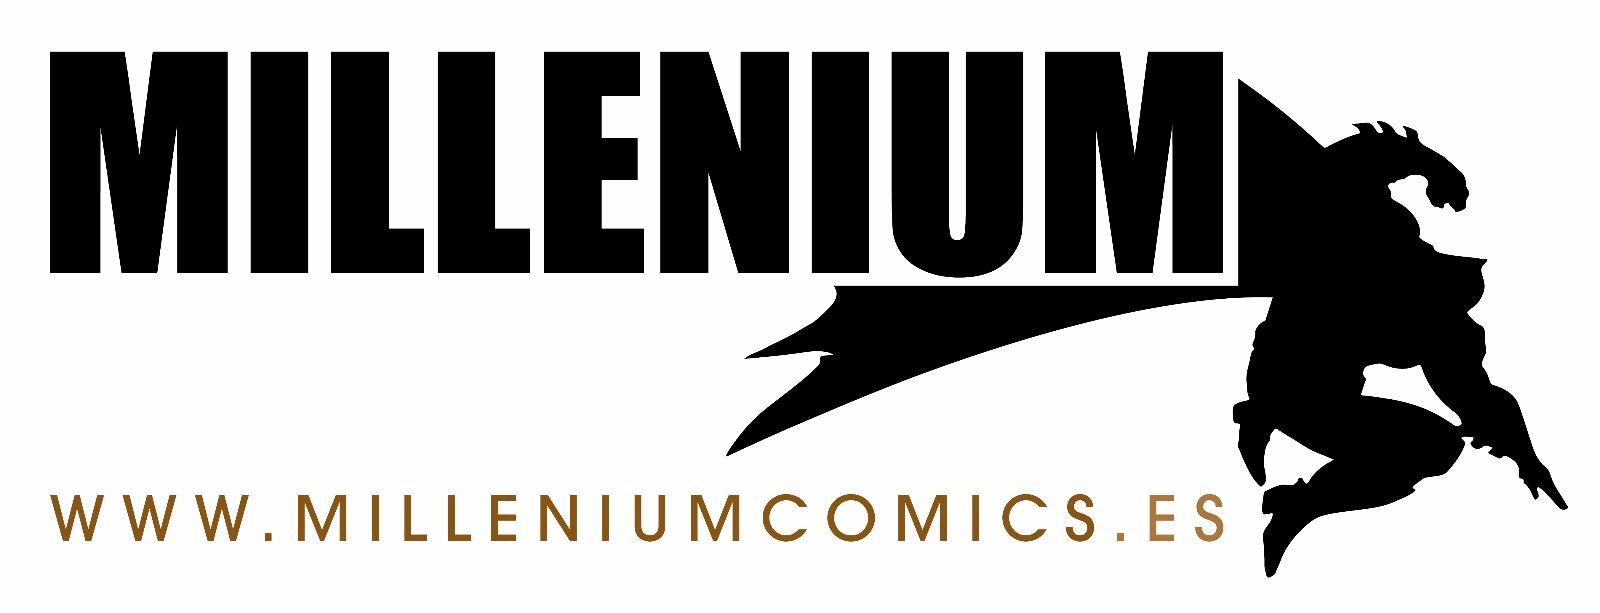 MILLENIUM COMICS